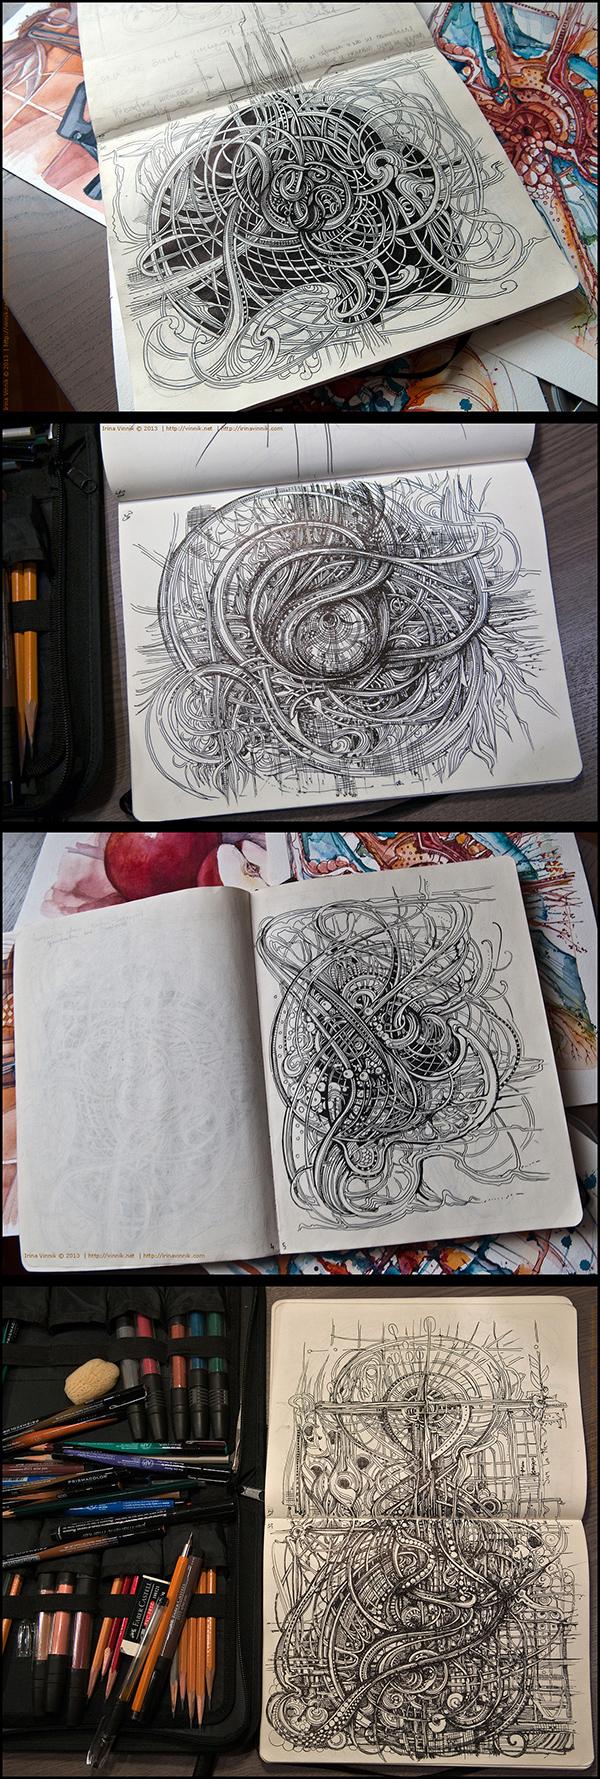 Inspirations graphiques dessins : Irina Vinnik | Sketchbook 2013 (vol.4)